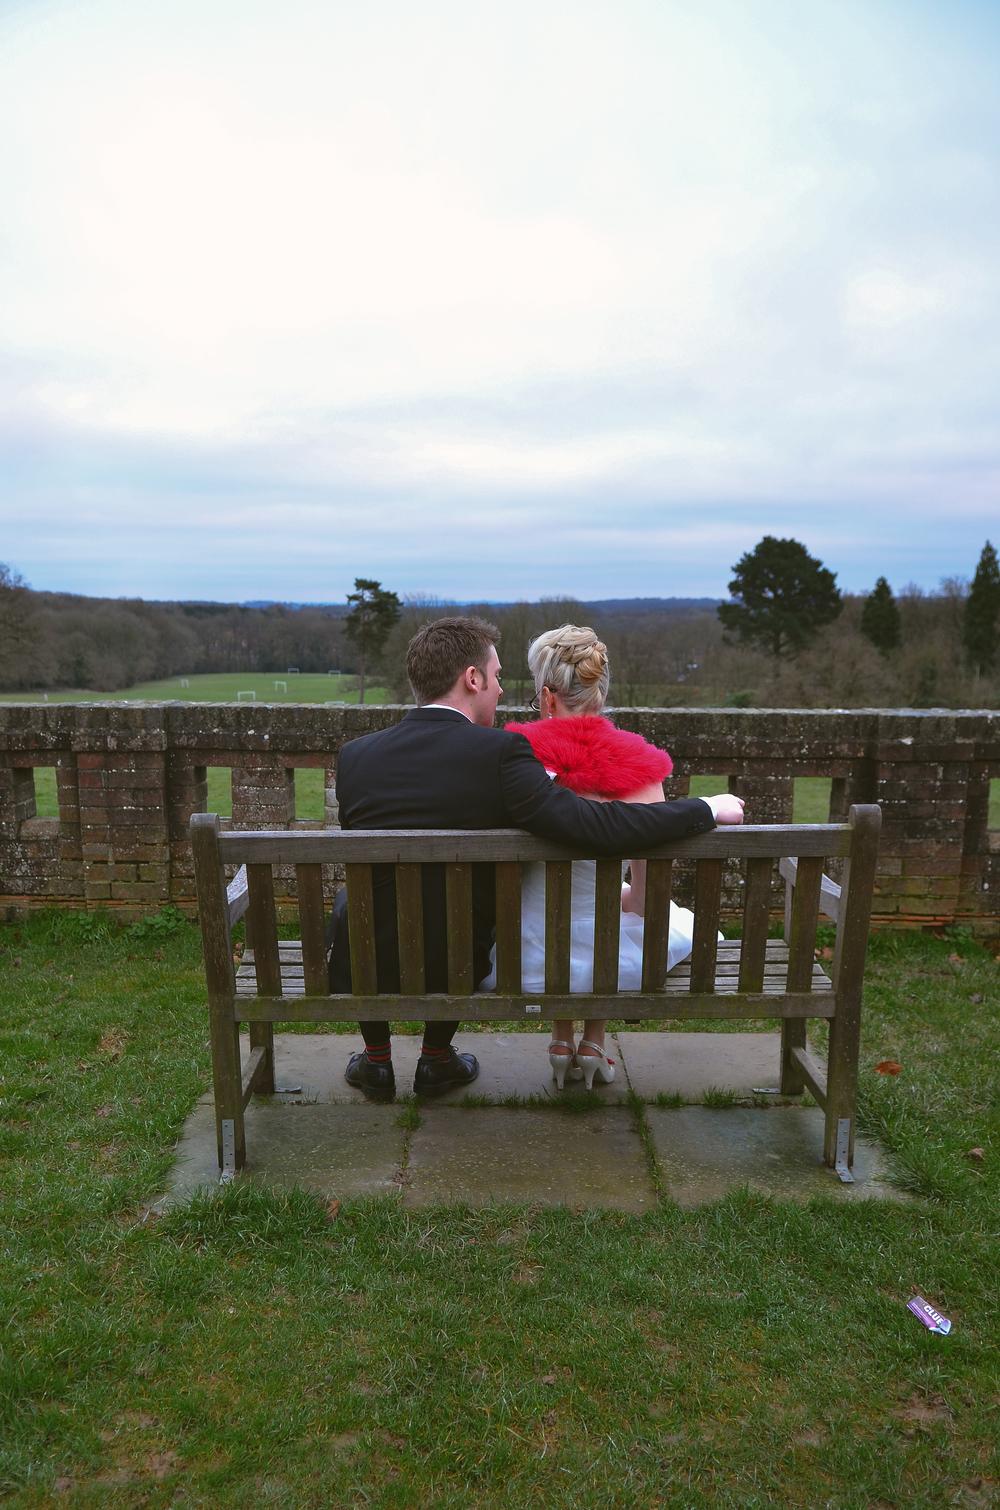 Lovehair bride - East Sussex